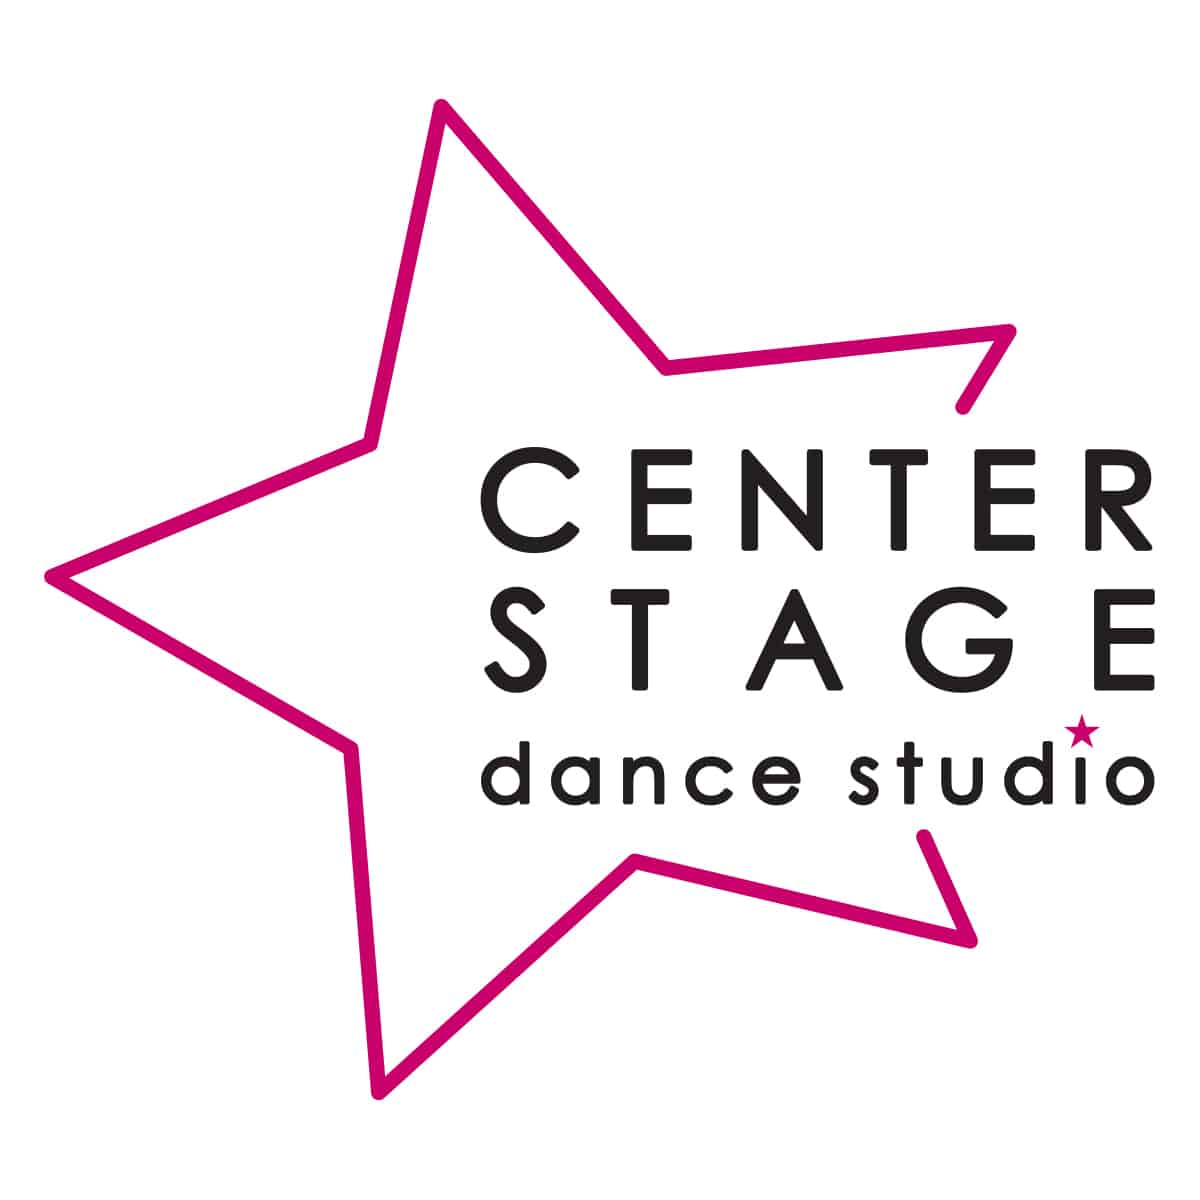 Christine s center stage dance studio home - Christine S Center Stage Dance Studio Home 51